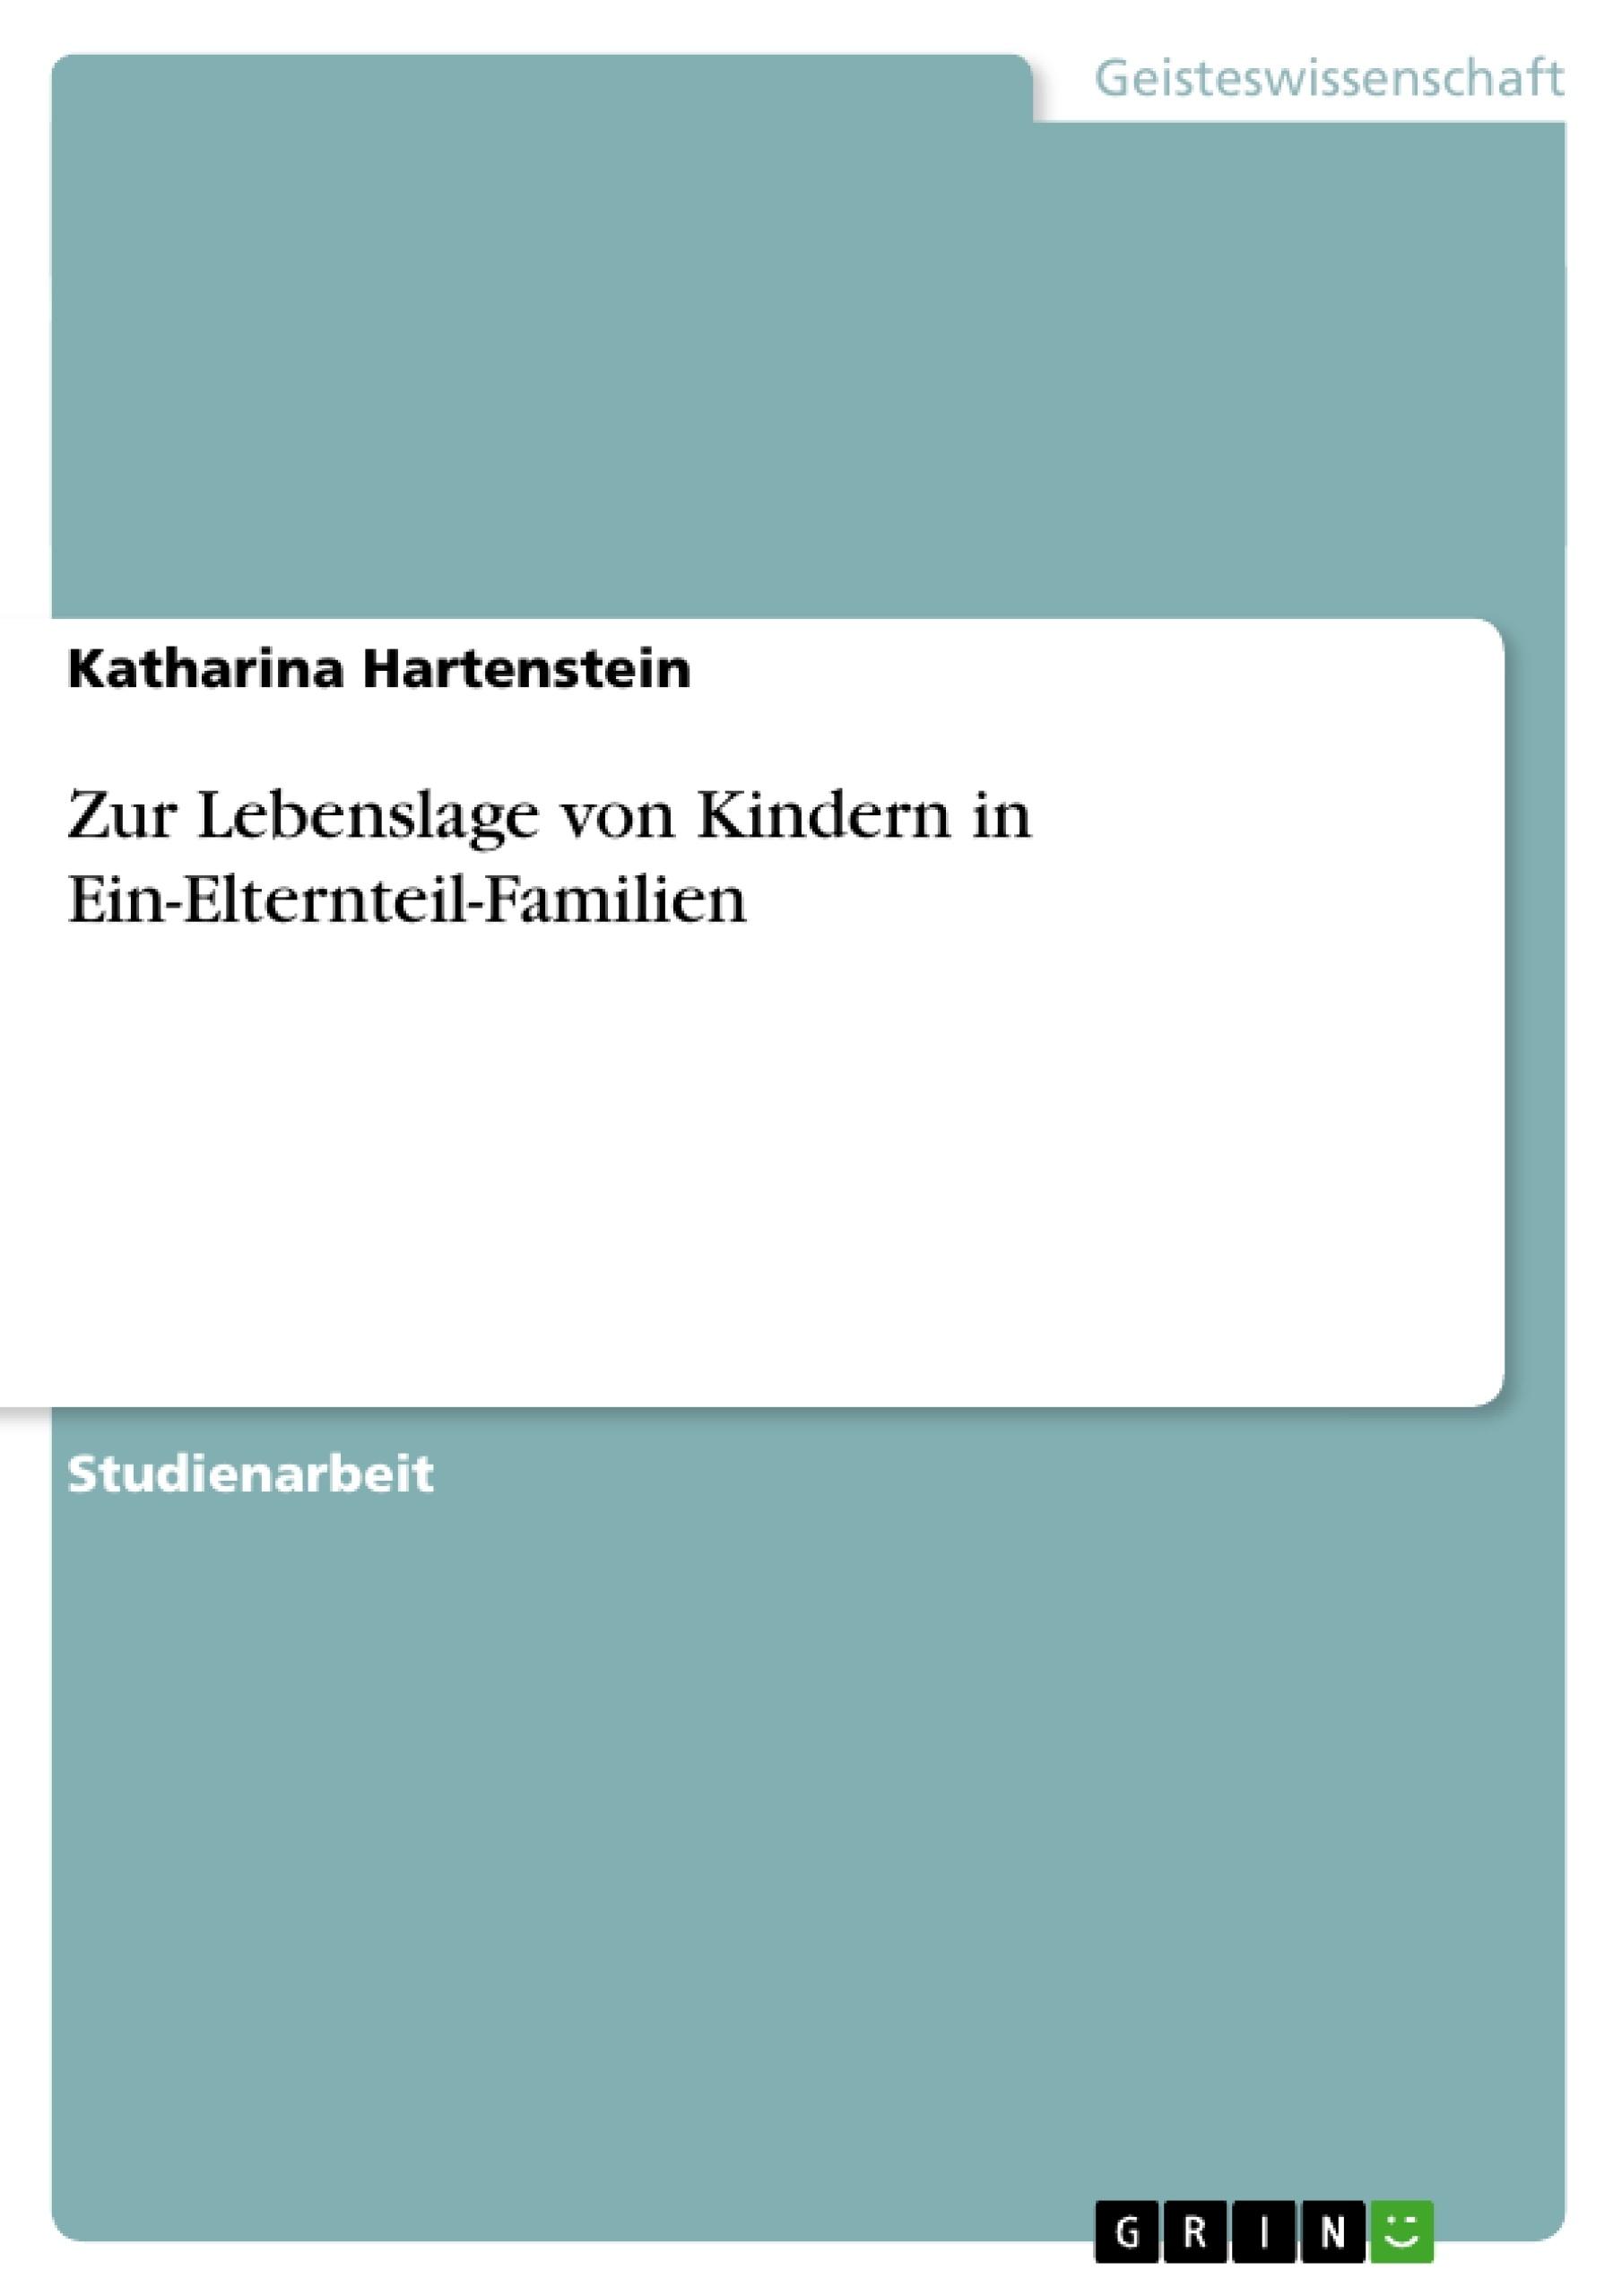 Titel: Zur Lebenslage von Kindern in Ein-Elternteil-Familien